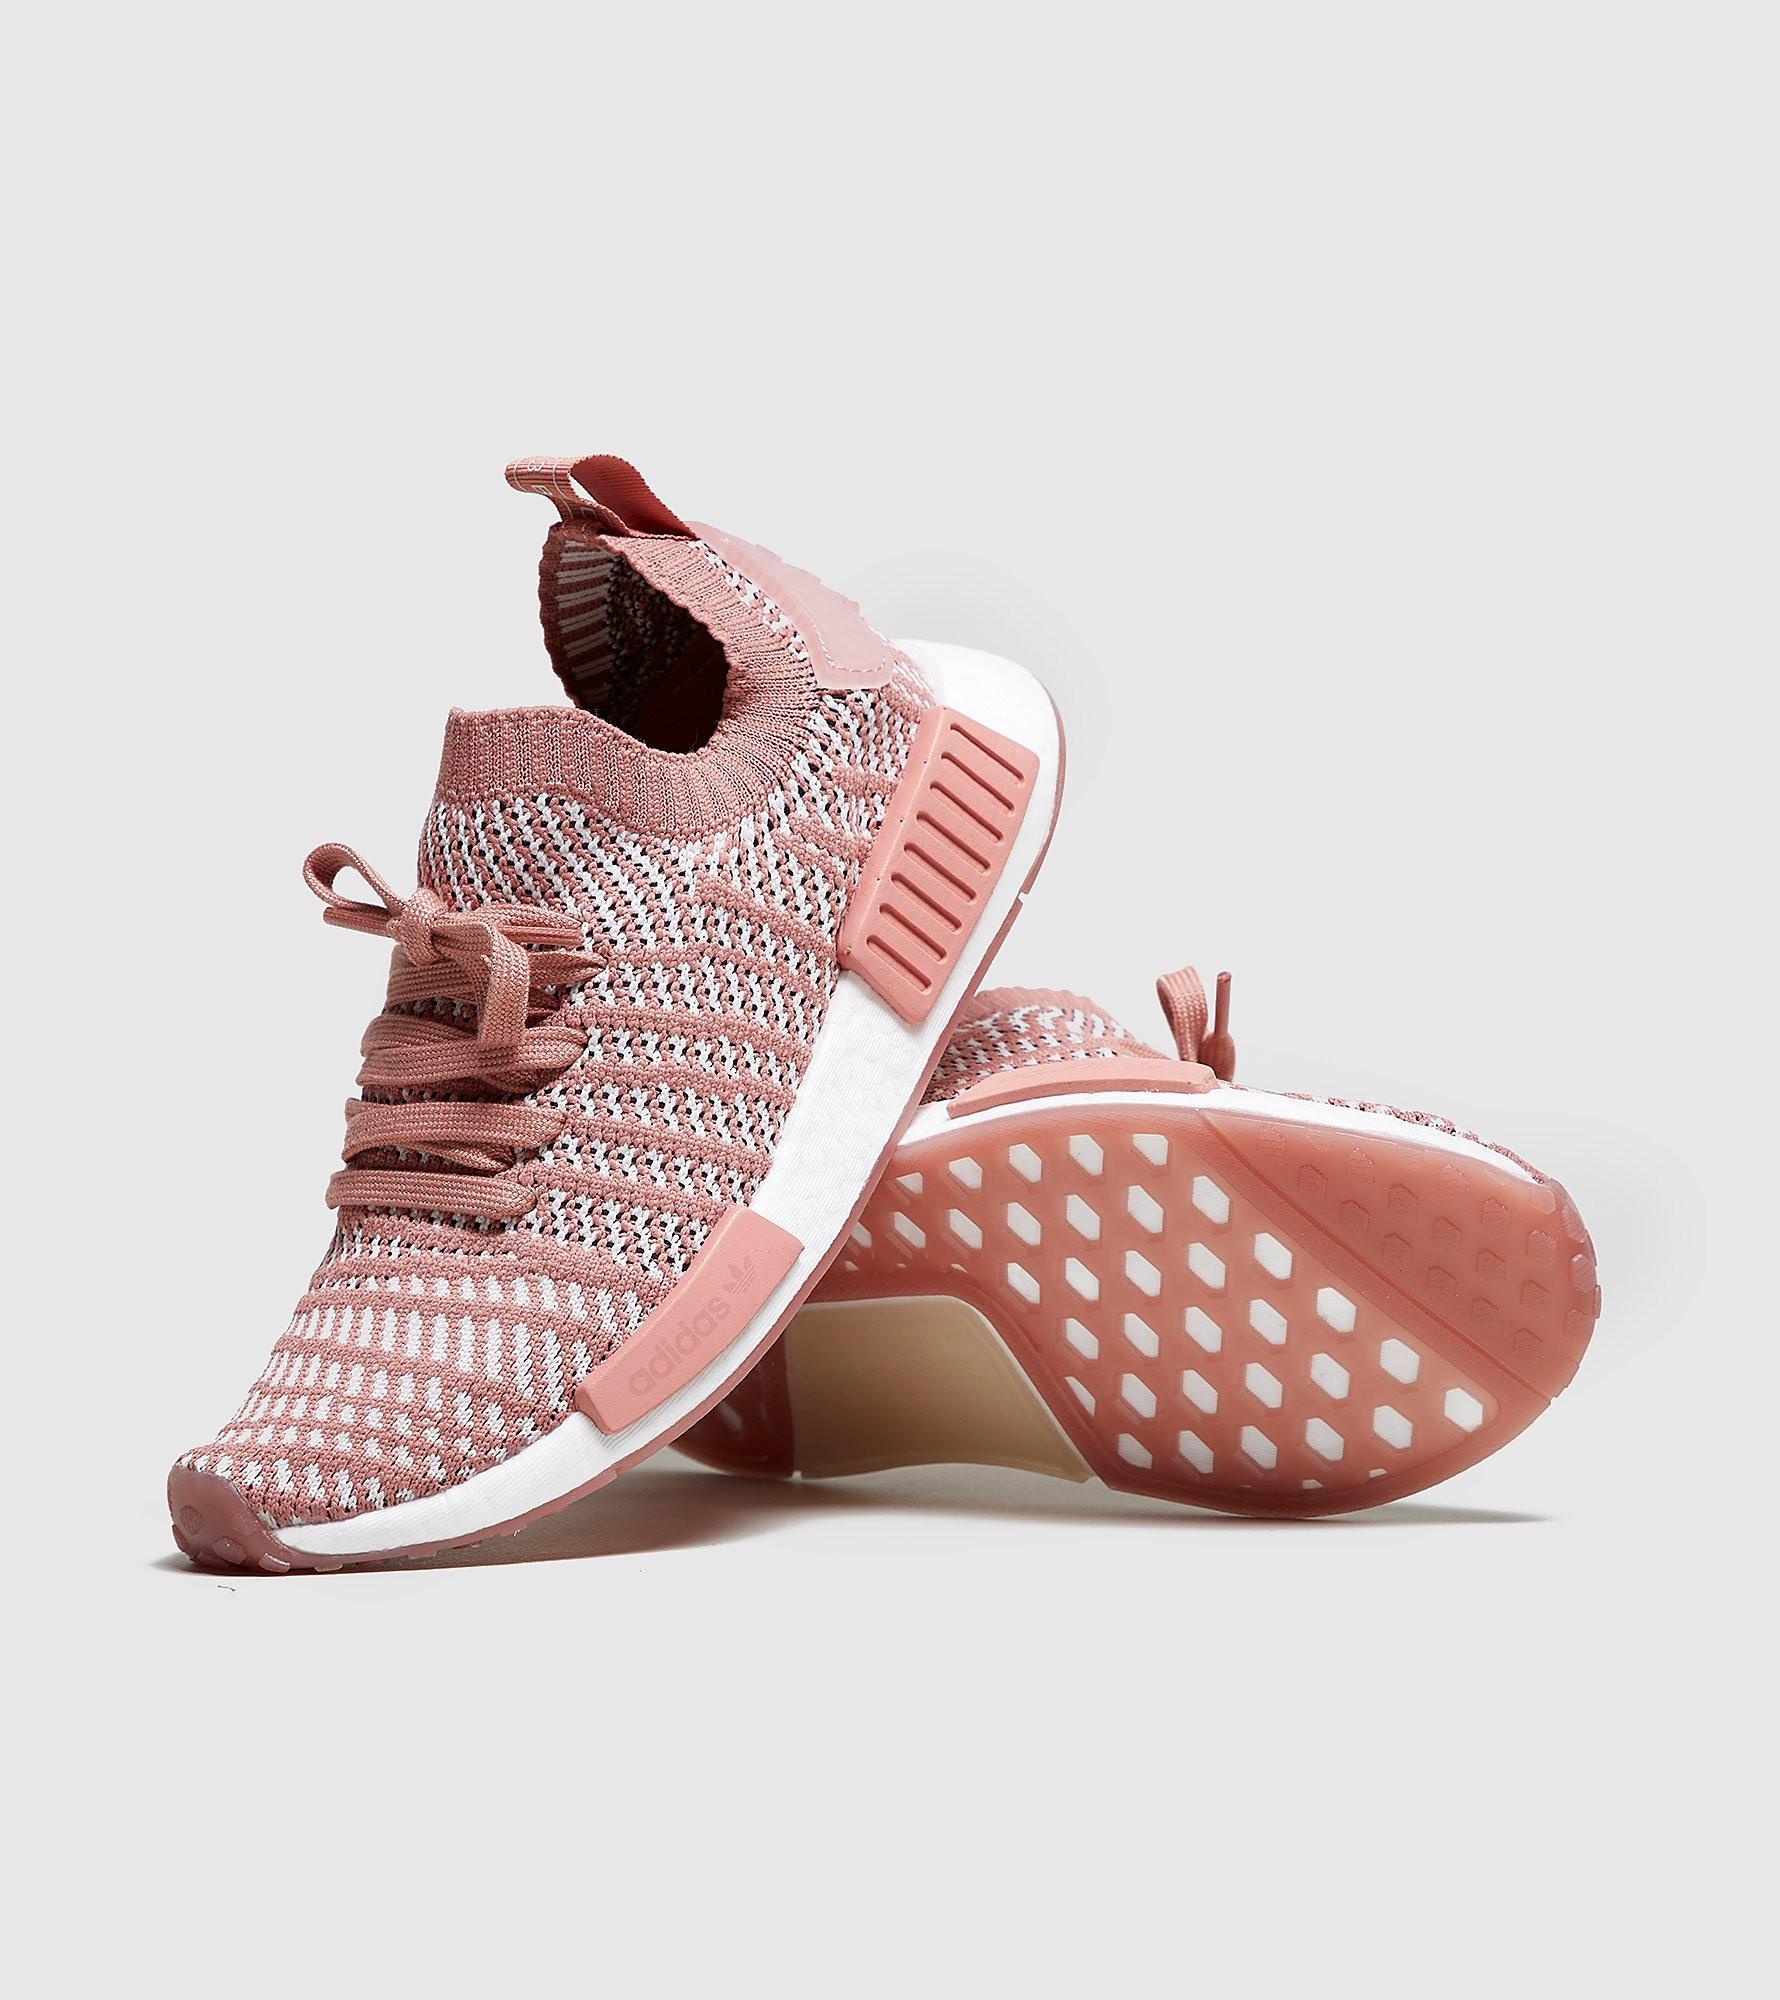 adidas Originals NMD_R1 STLT Primeknit Women's